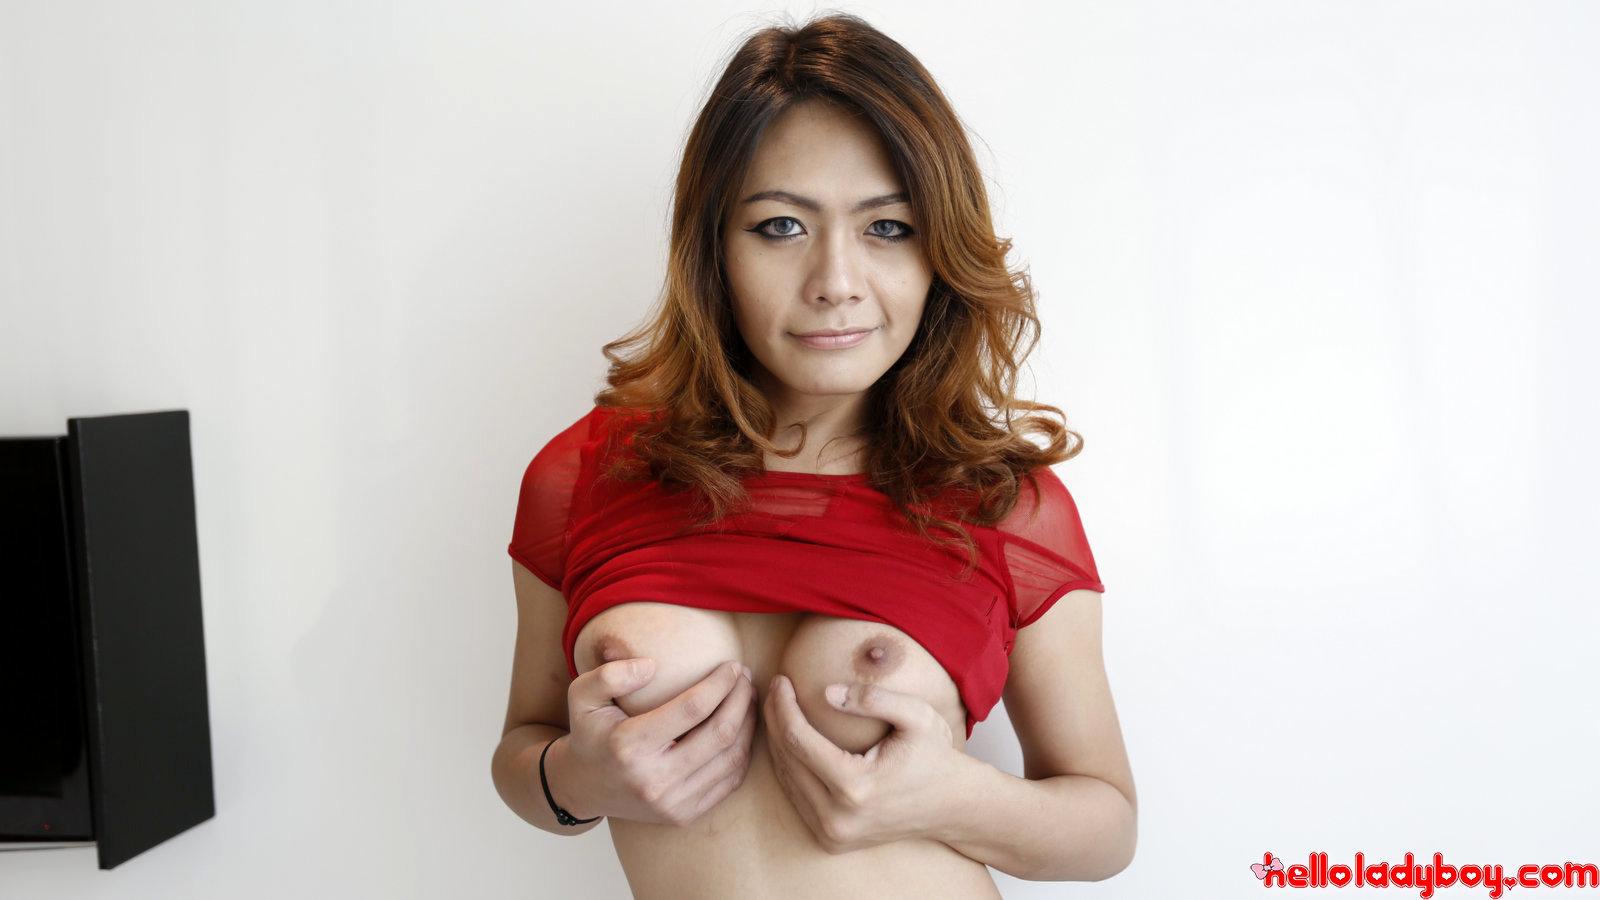 26 Year Old Asian Tgirl Sucks Off Tourist Tool